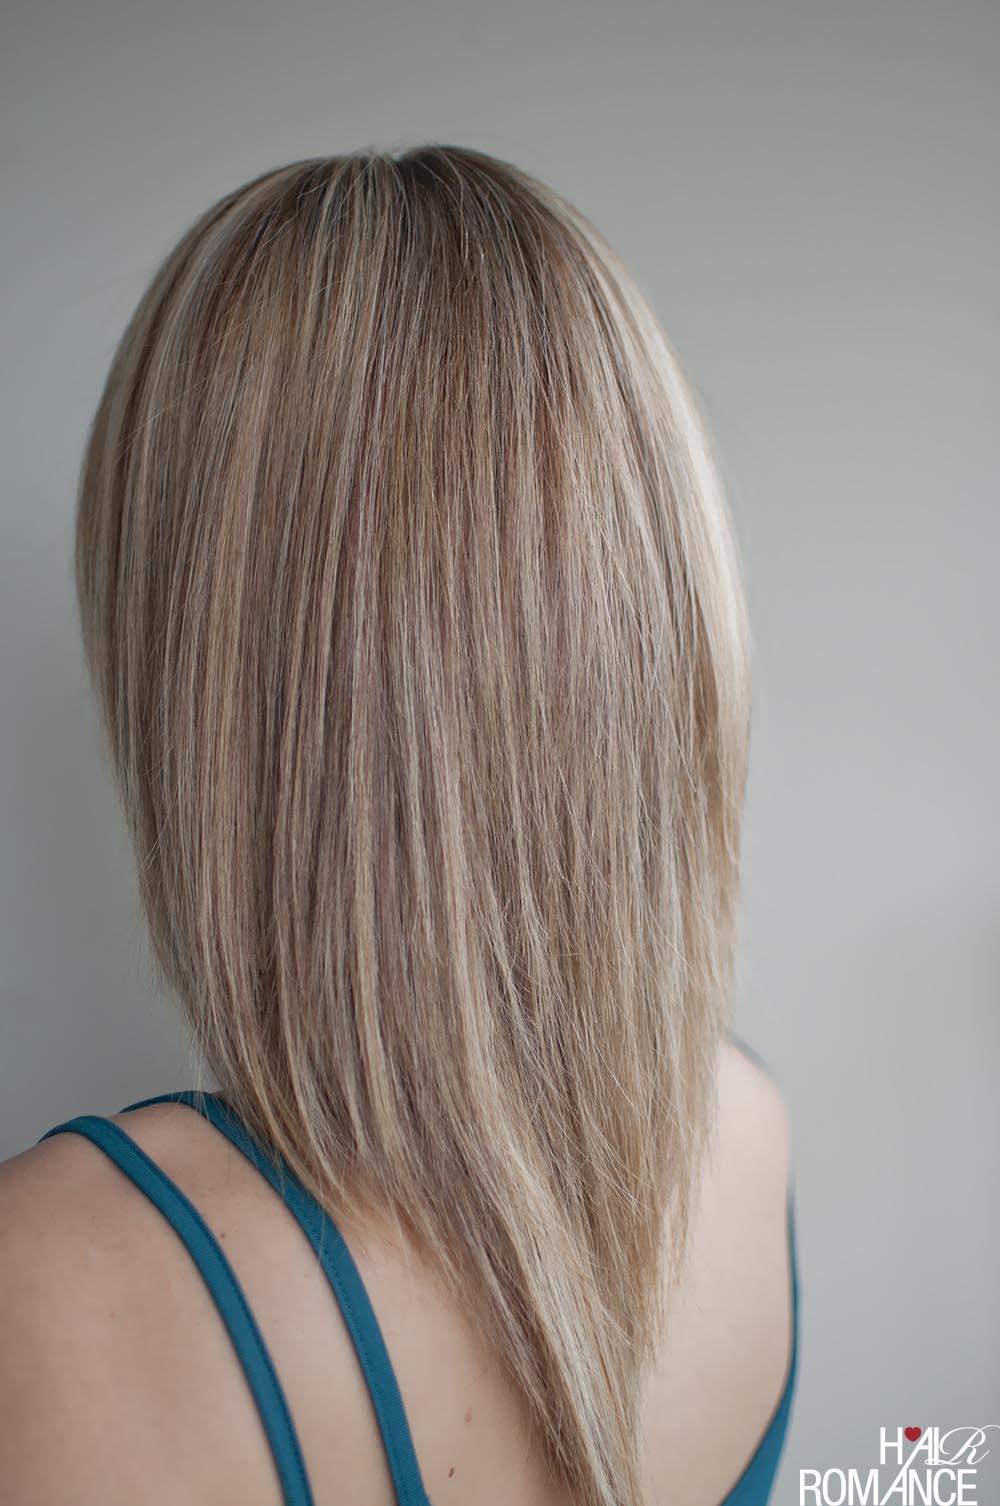 V Shaped Haircut Short Hair : shaped, haircut, short, Haircuts, Curly, Fashion, Colony